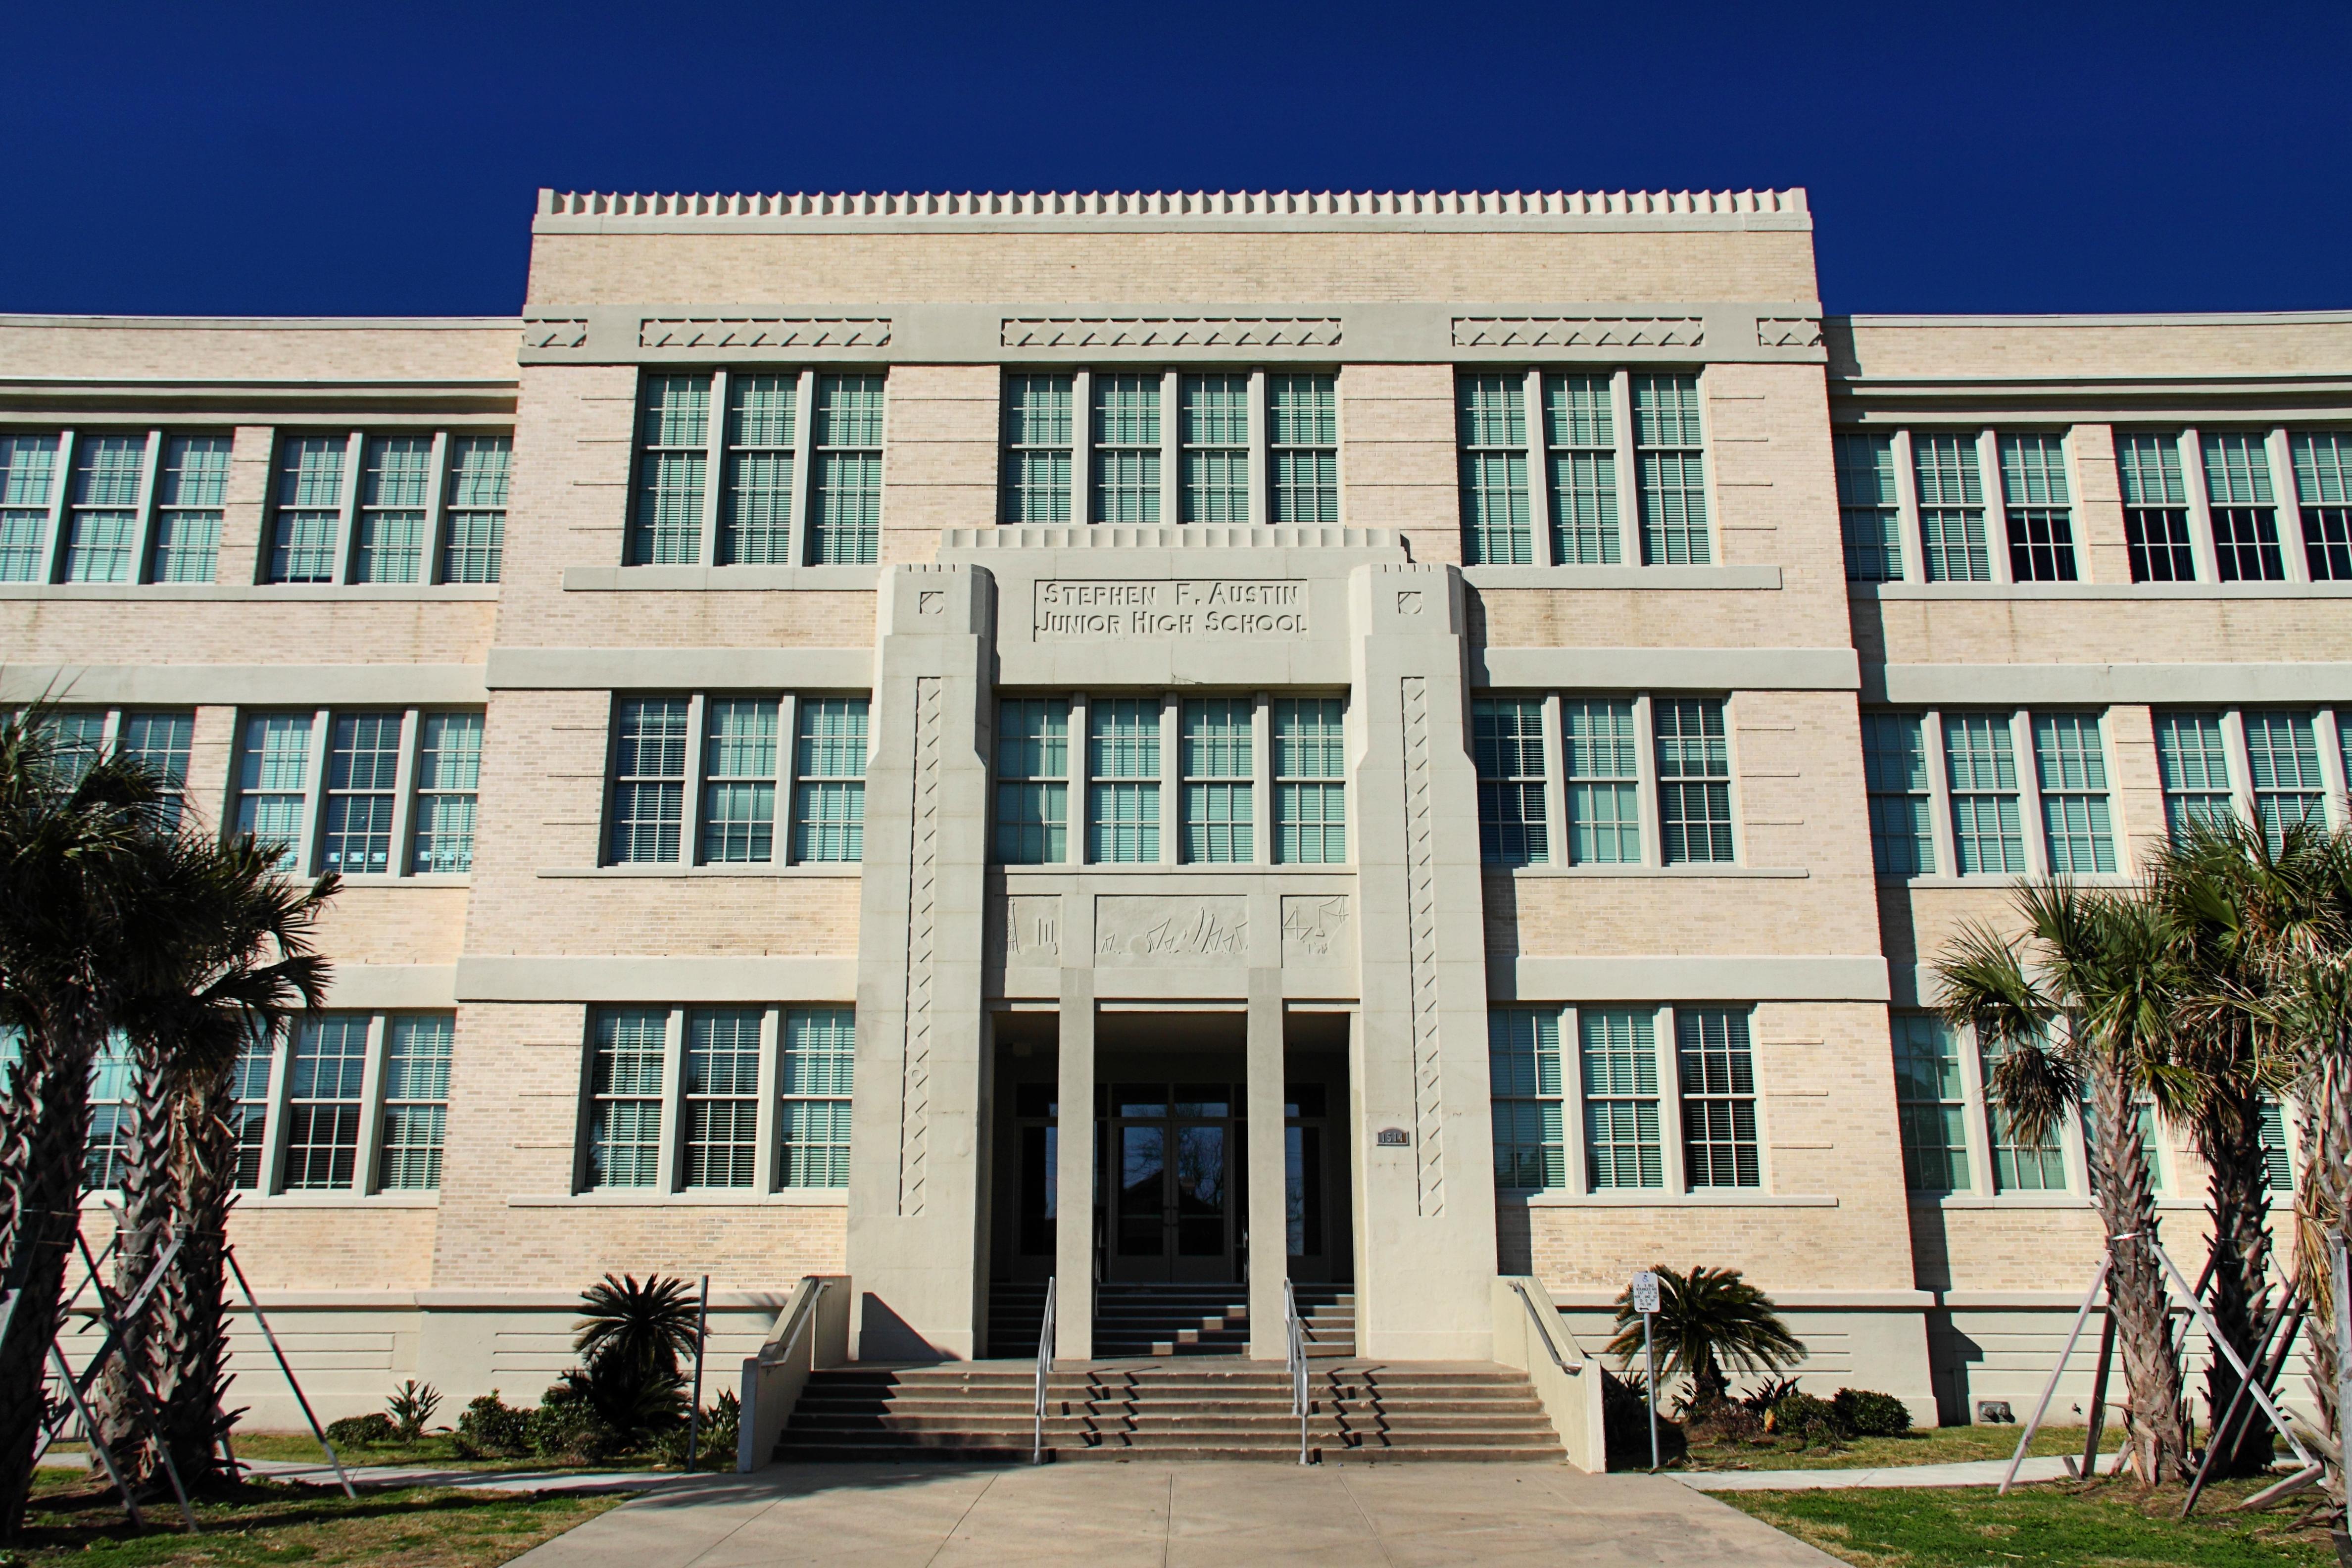 File:Stephen F Austin Junior High Galveston, Texas.JPG